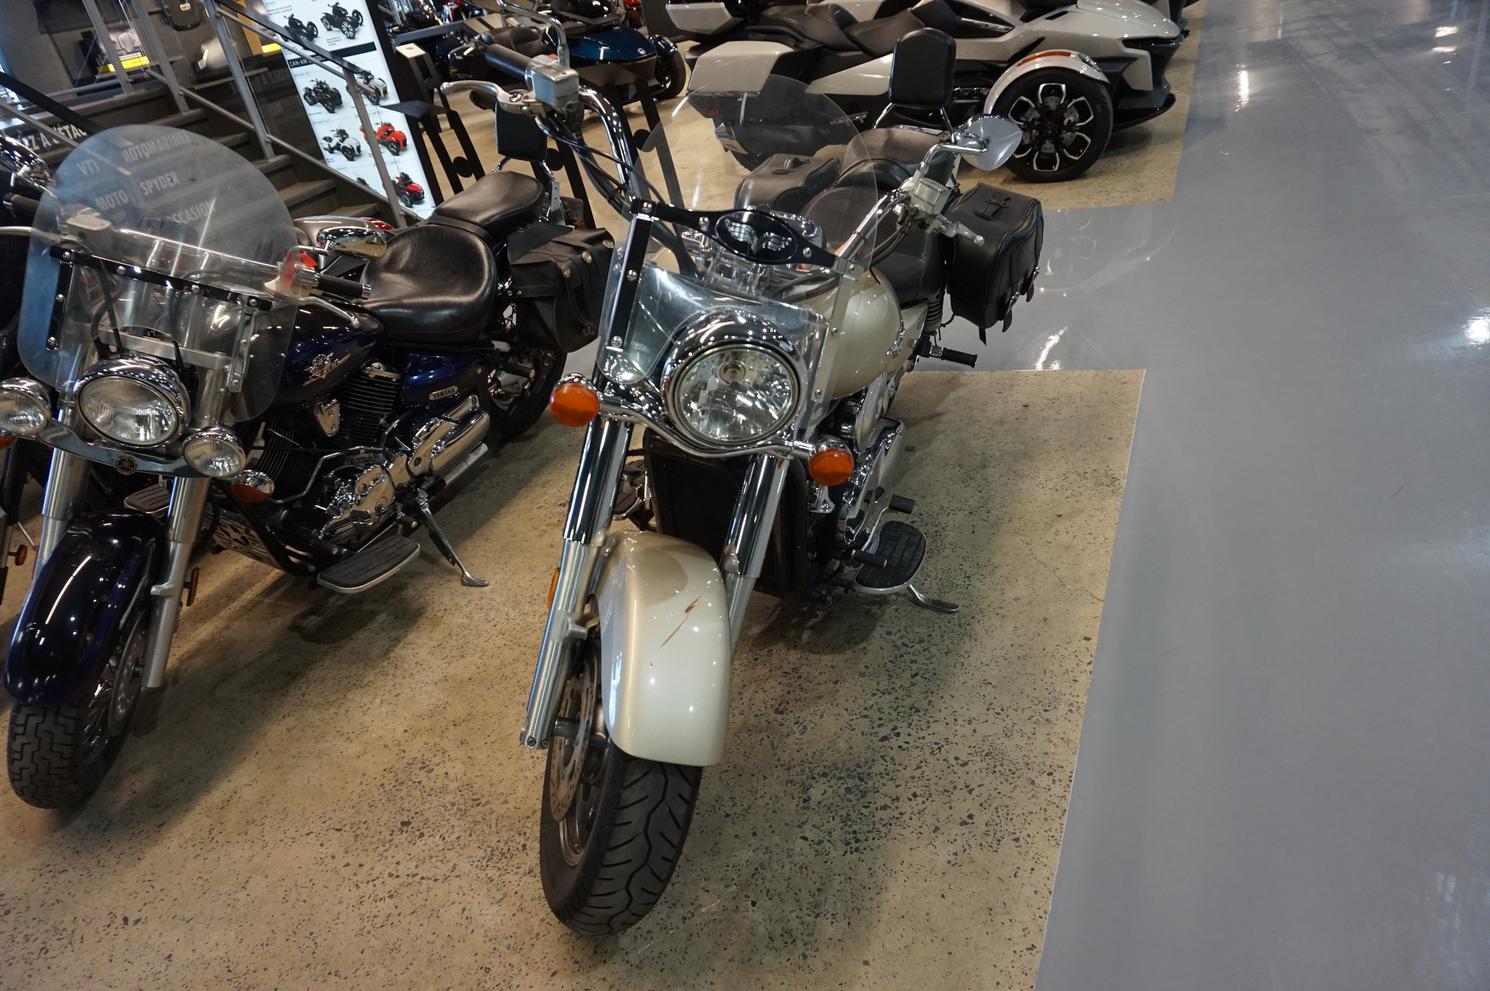 2005 Kawasaki Vulcan 1600